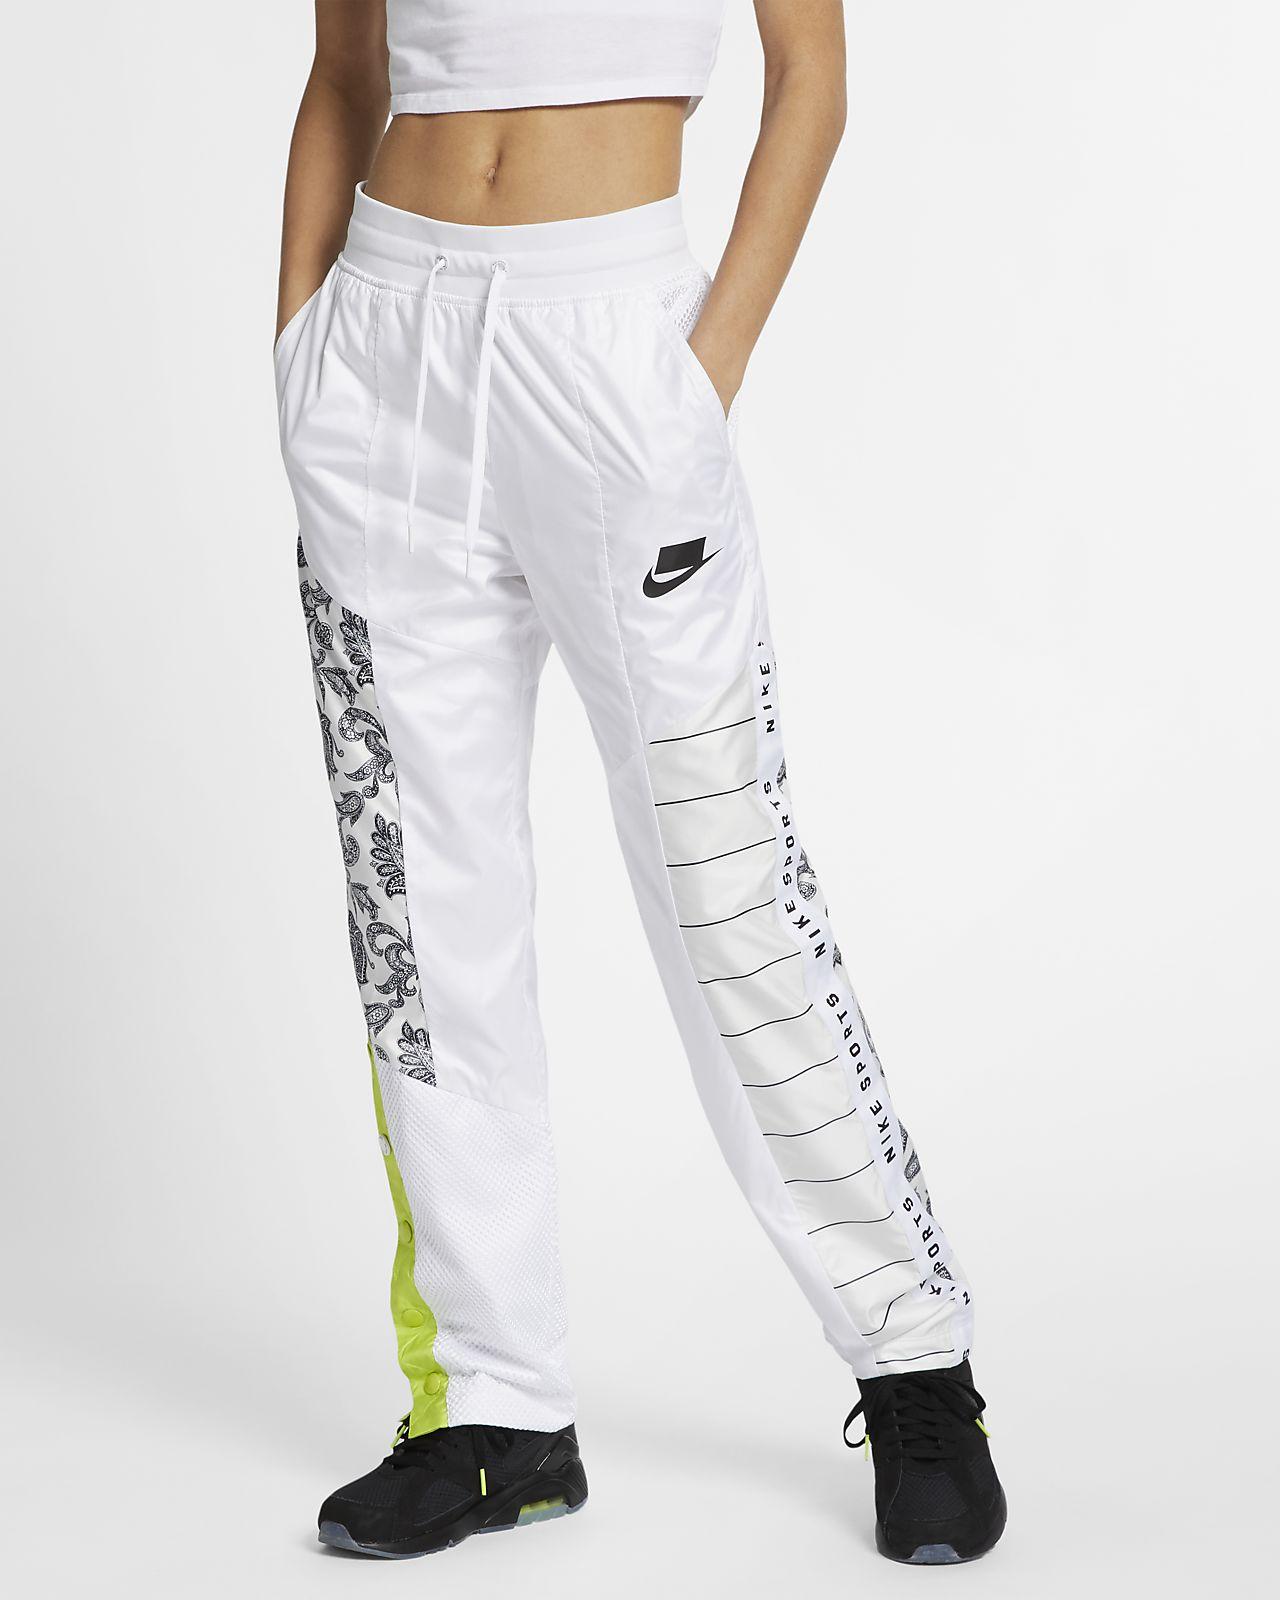 81752f2f5 Nike Sportswear NSW Women's Woven Track Pants. Nike.com